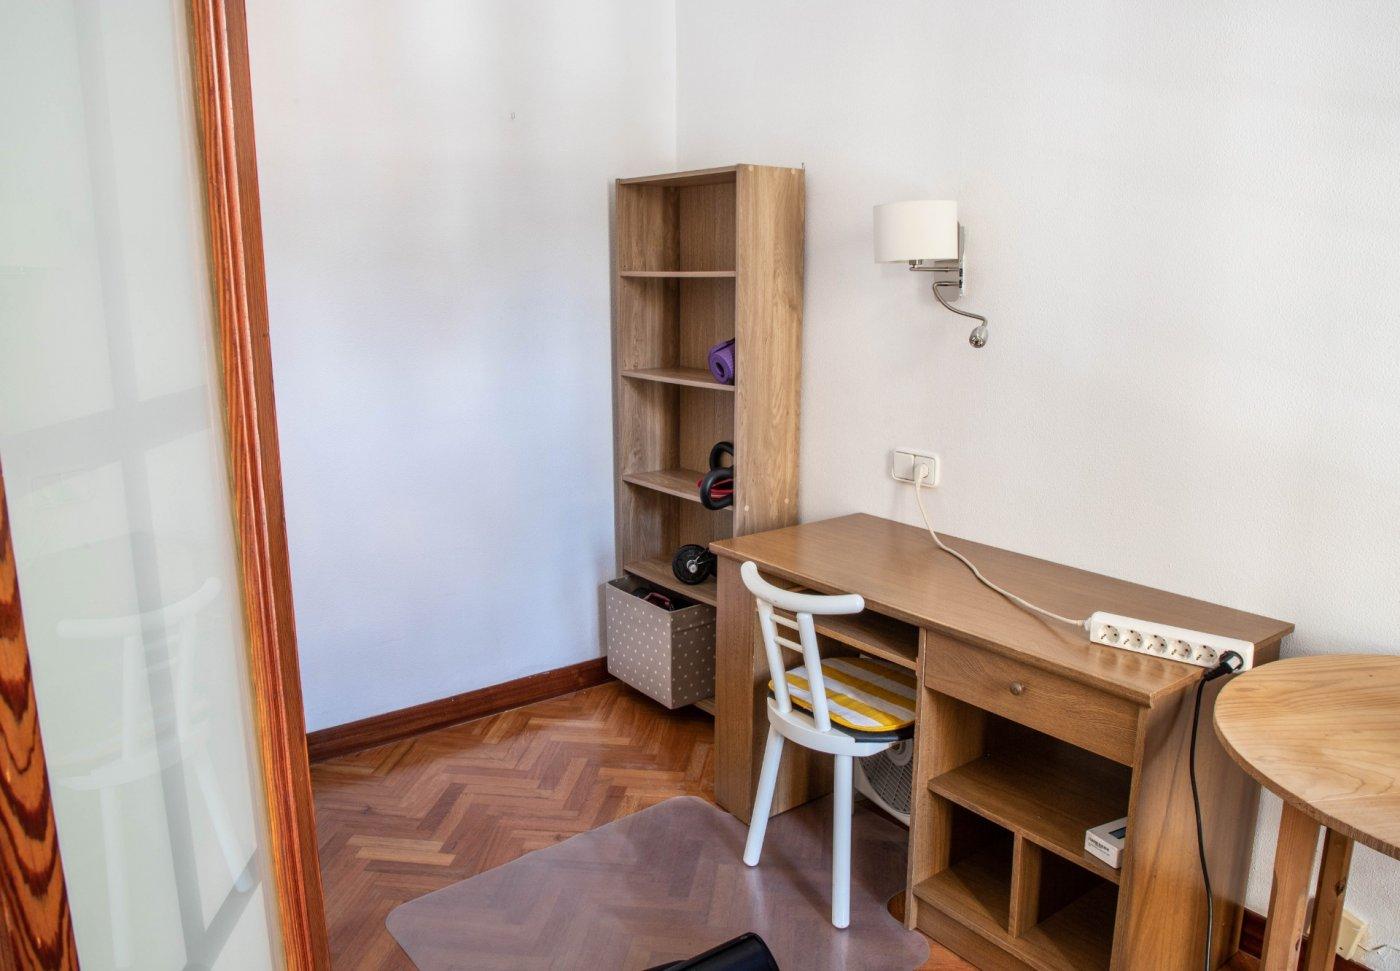 Primer piso con terrado privado en santa catalina - imagenInmueble28